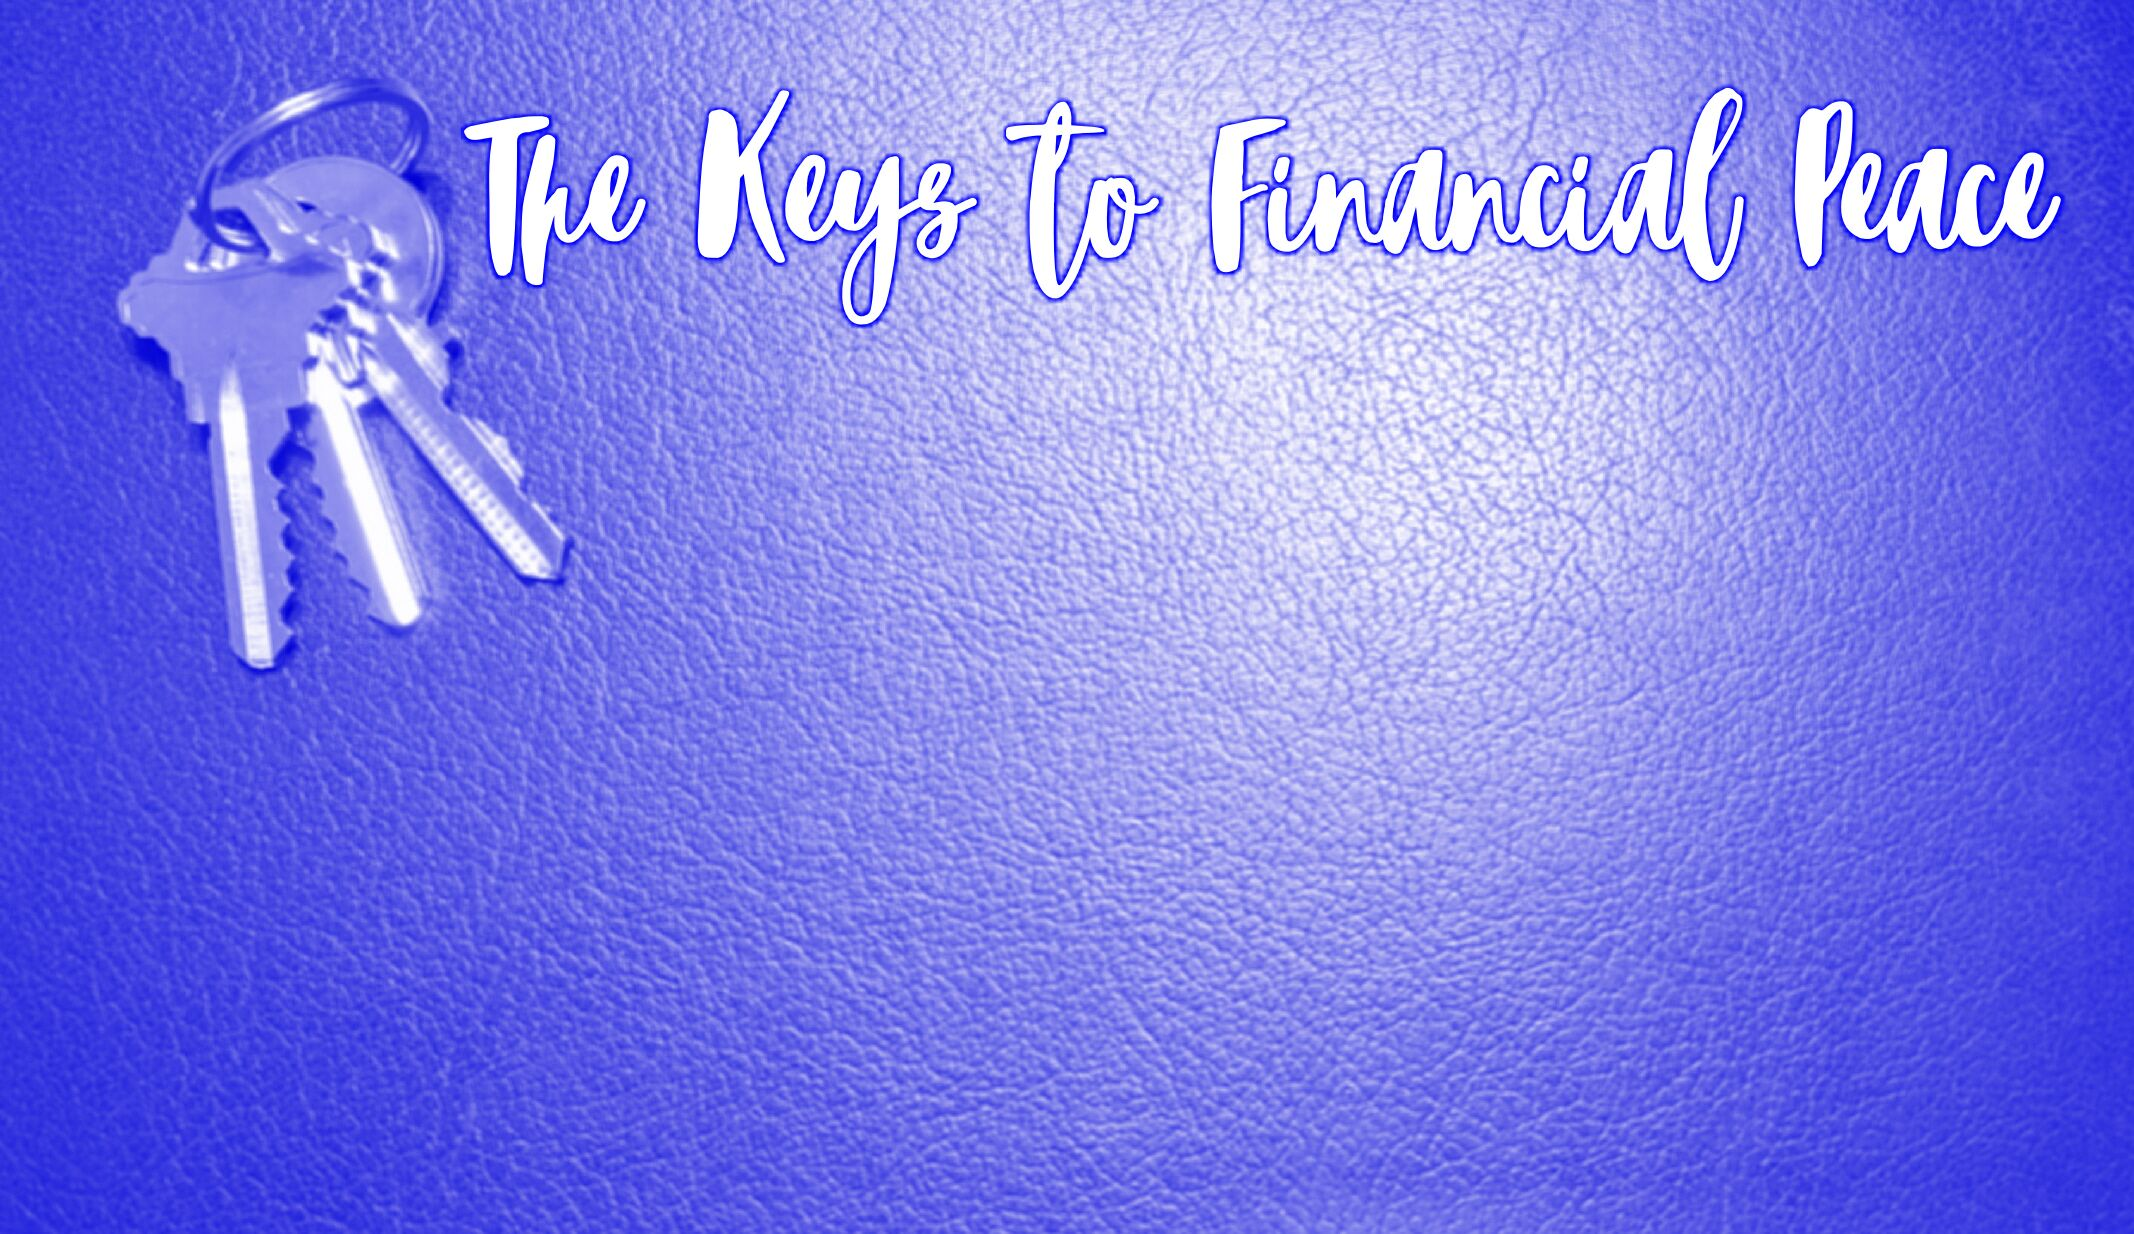 keys to financial peace.jpeg